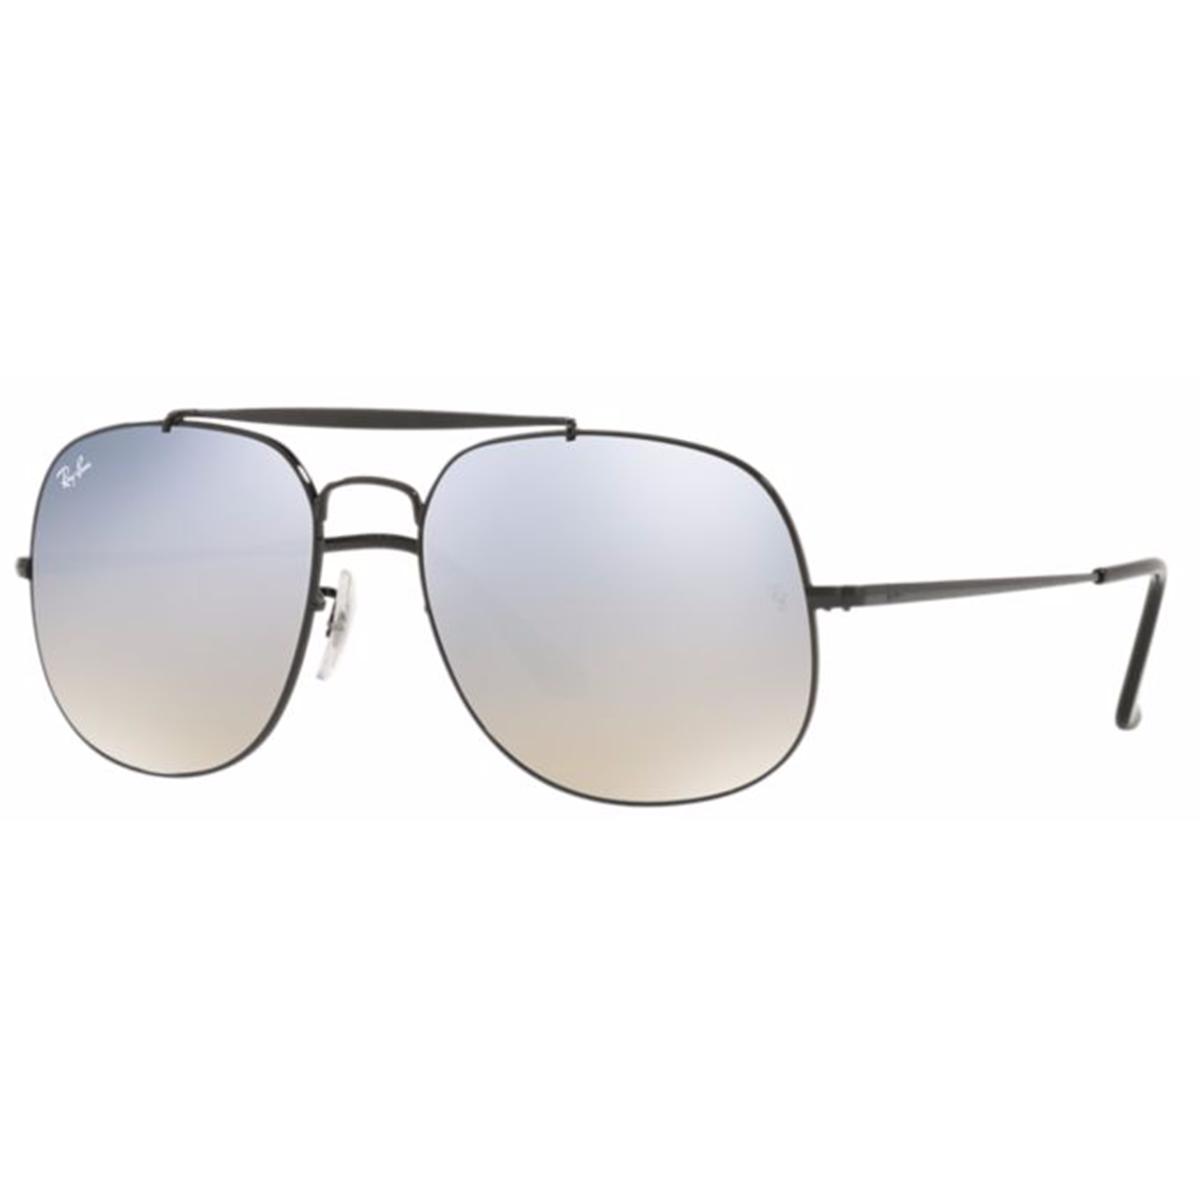 Compre Óculos de Sol Ray Ban General em 10X   Tri-Jóia Shop ba1c1f9cd9